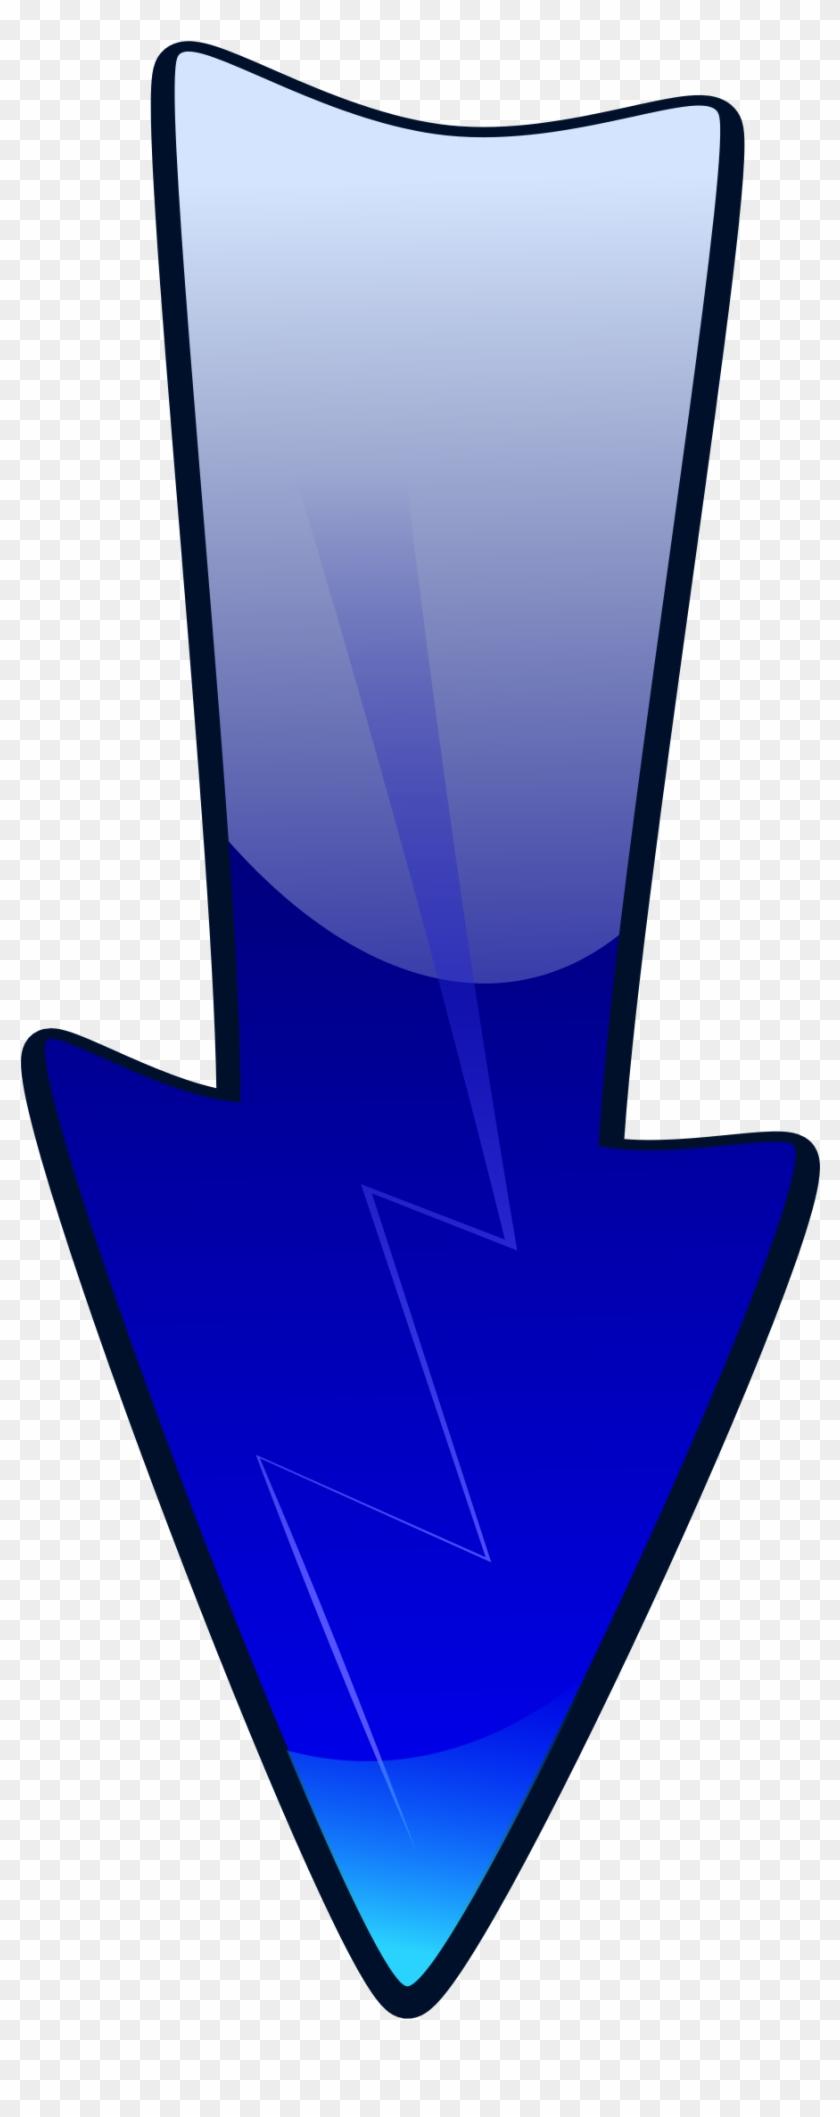 Clipart - Emblem #19443